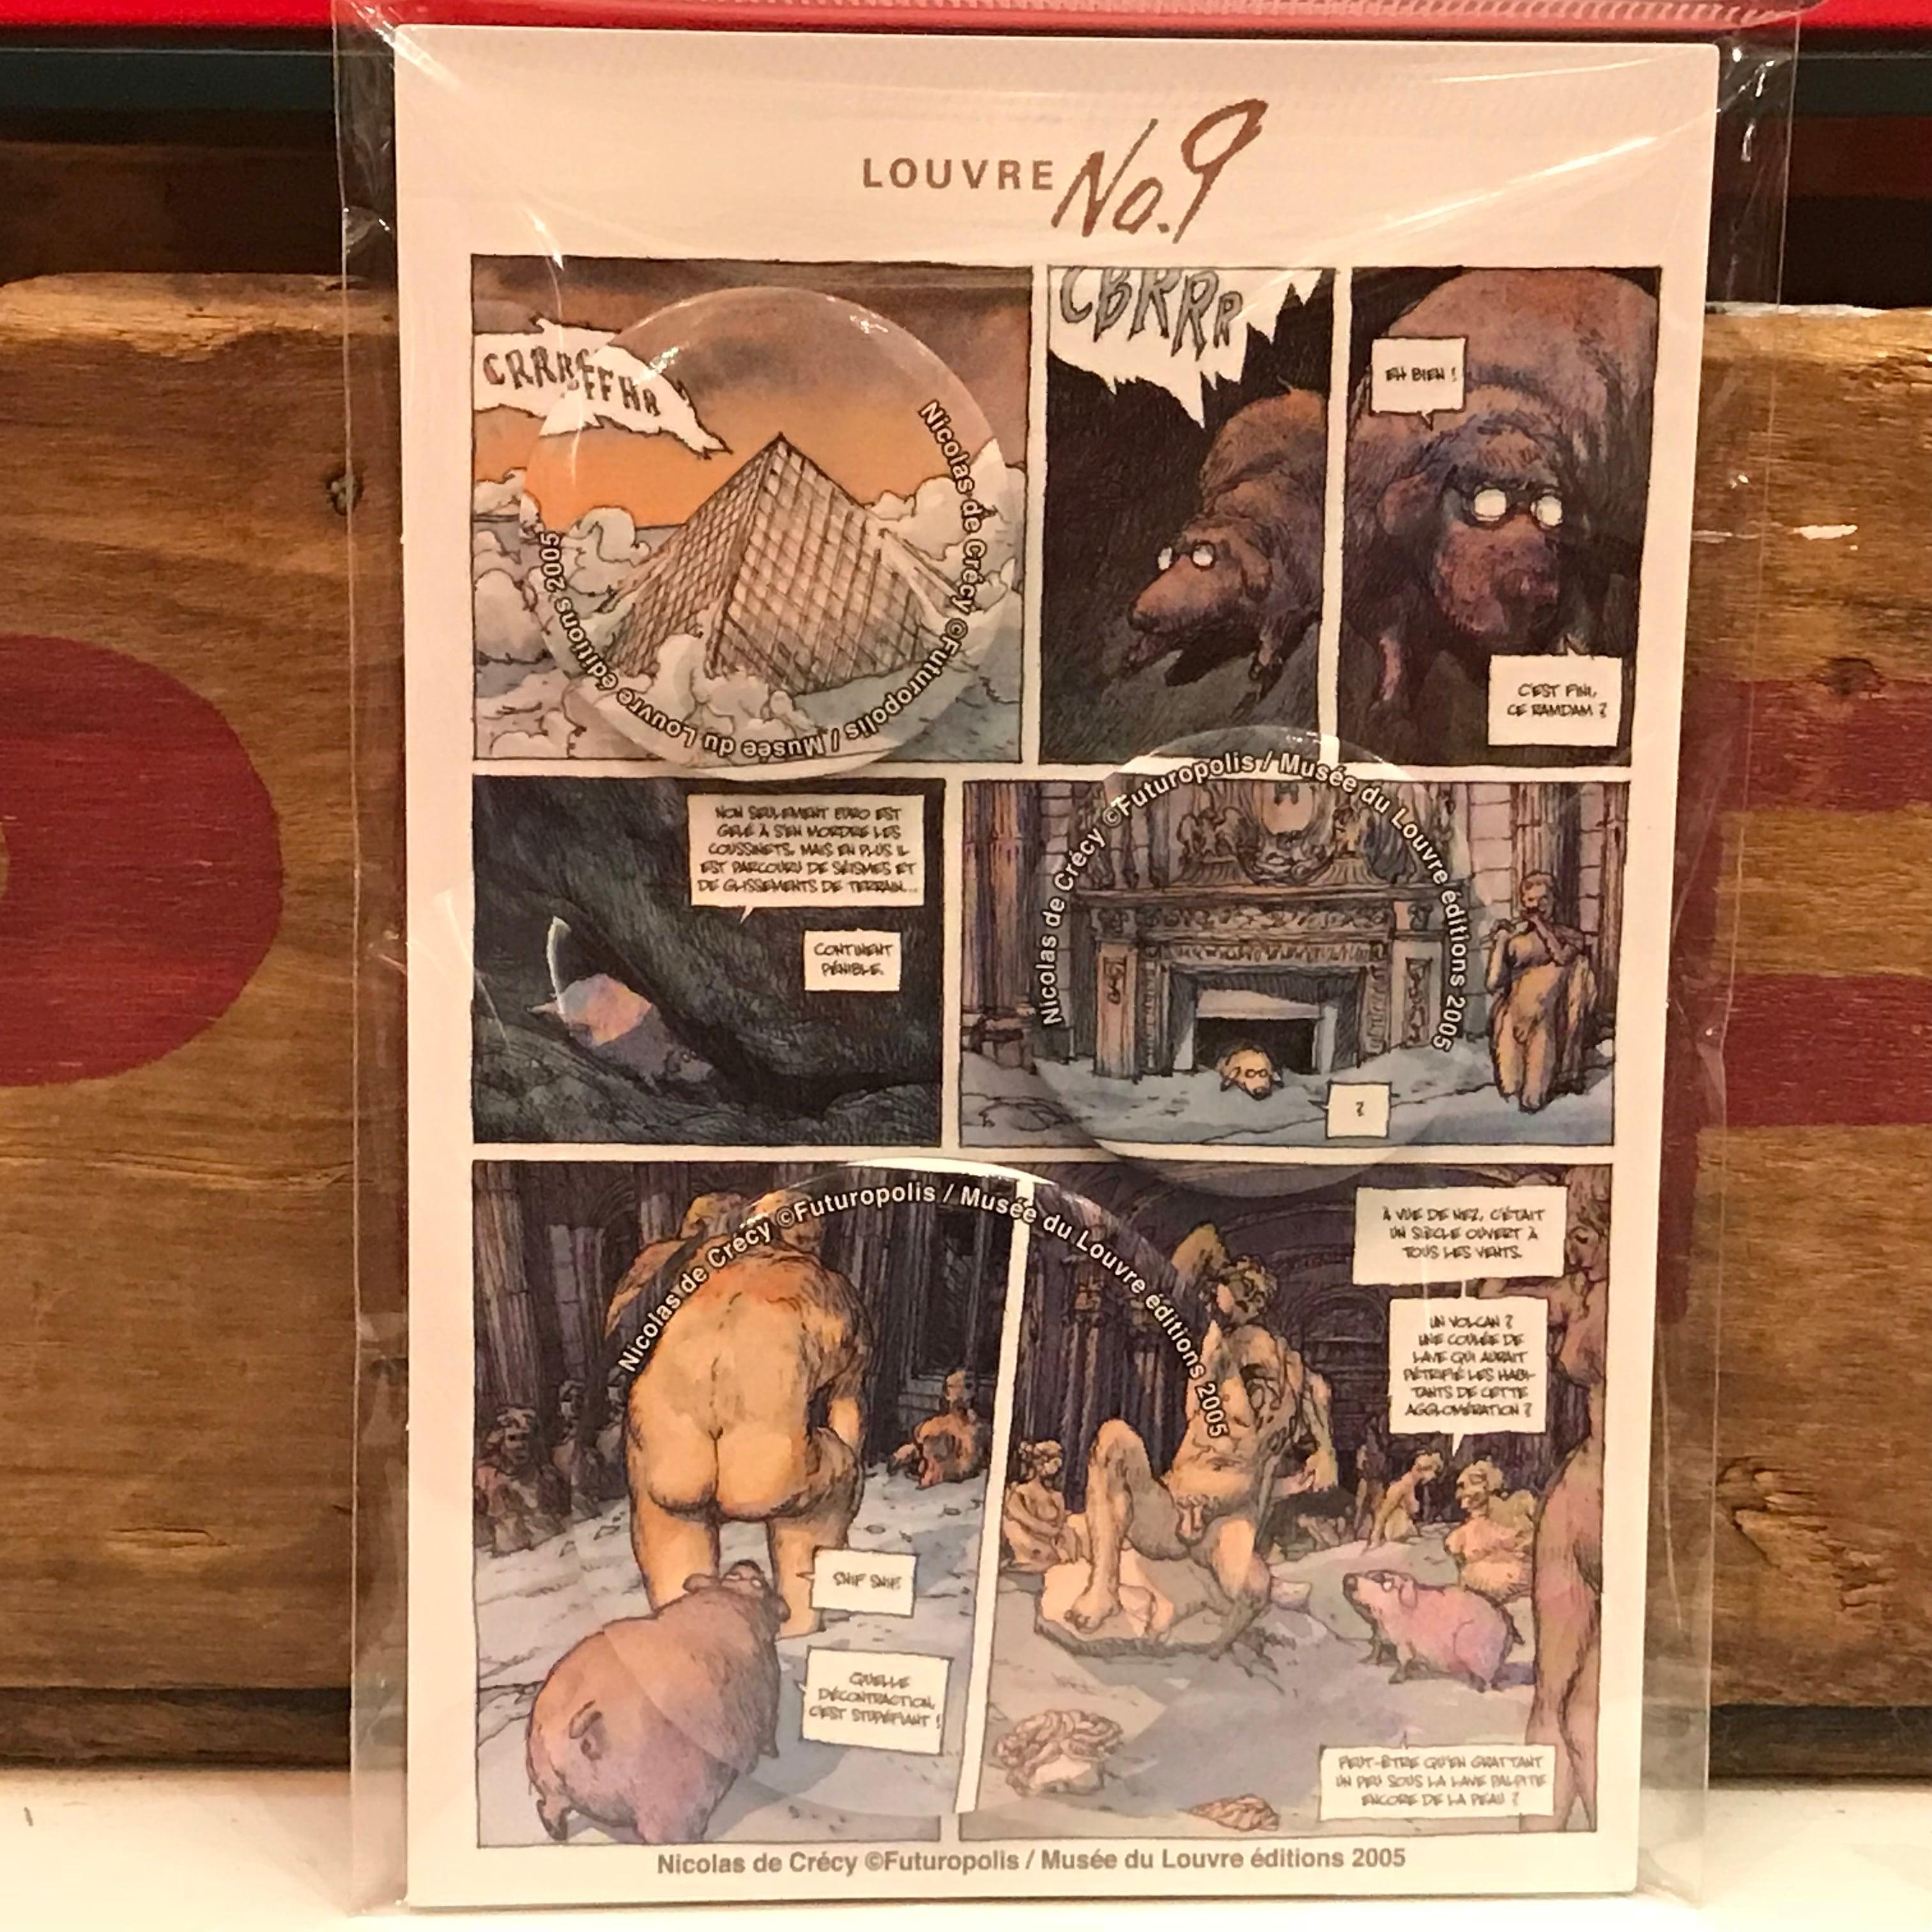 ルーヴルNo.9 ニコラ・ド・クレシー 限定 缶バッジセット バンド・デシネ